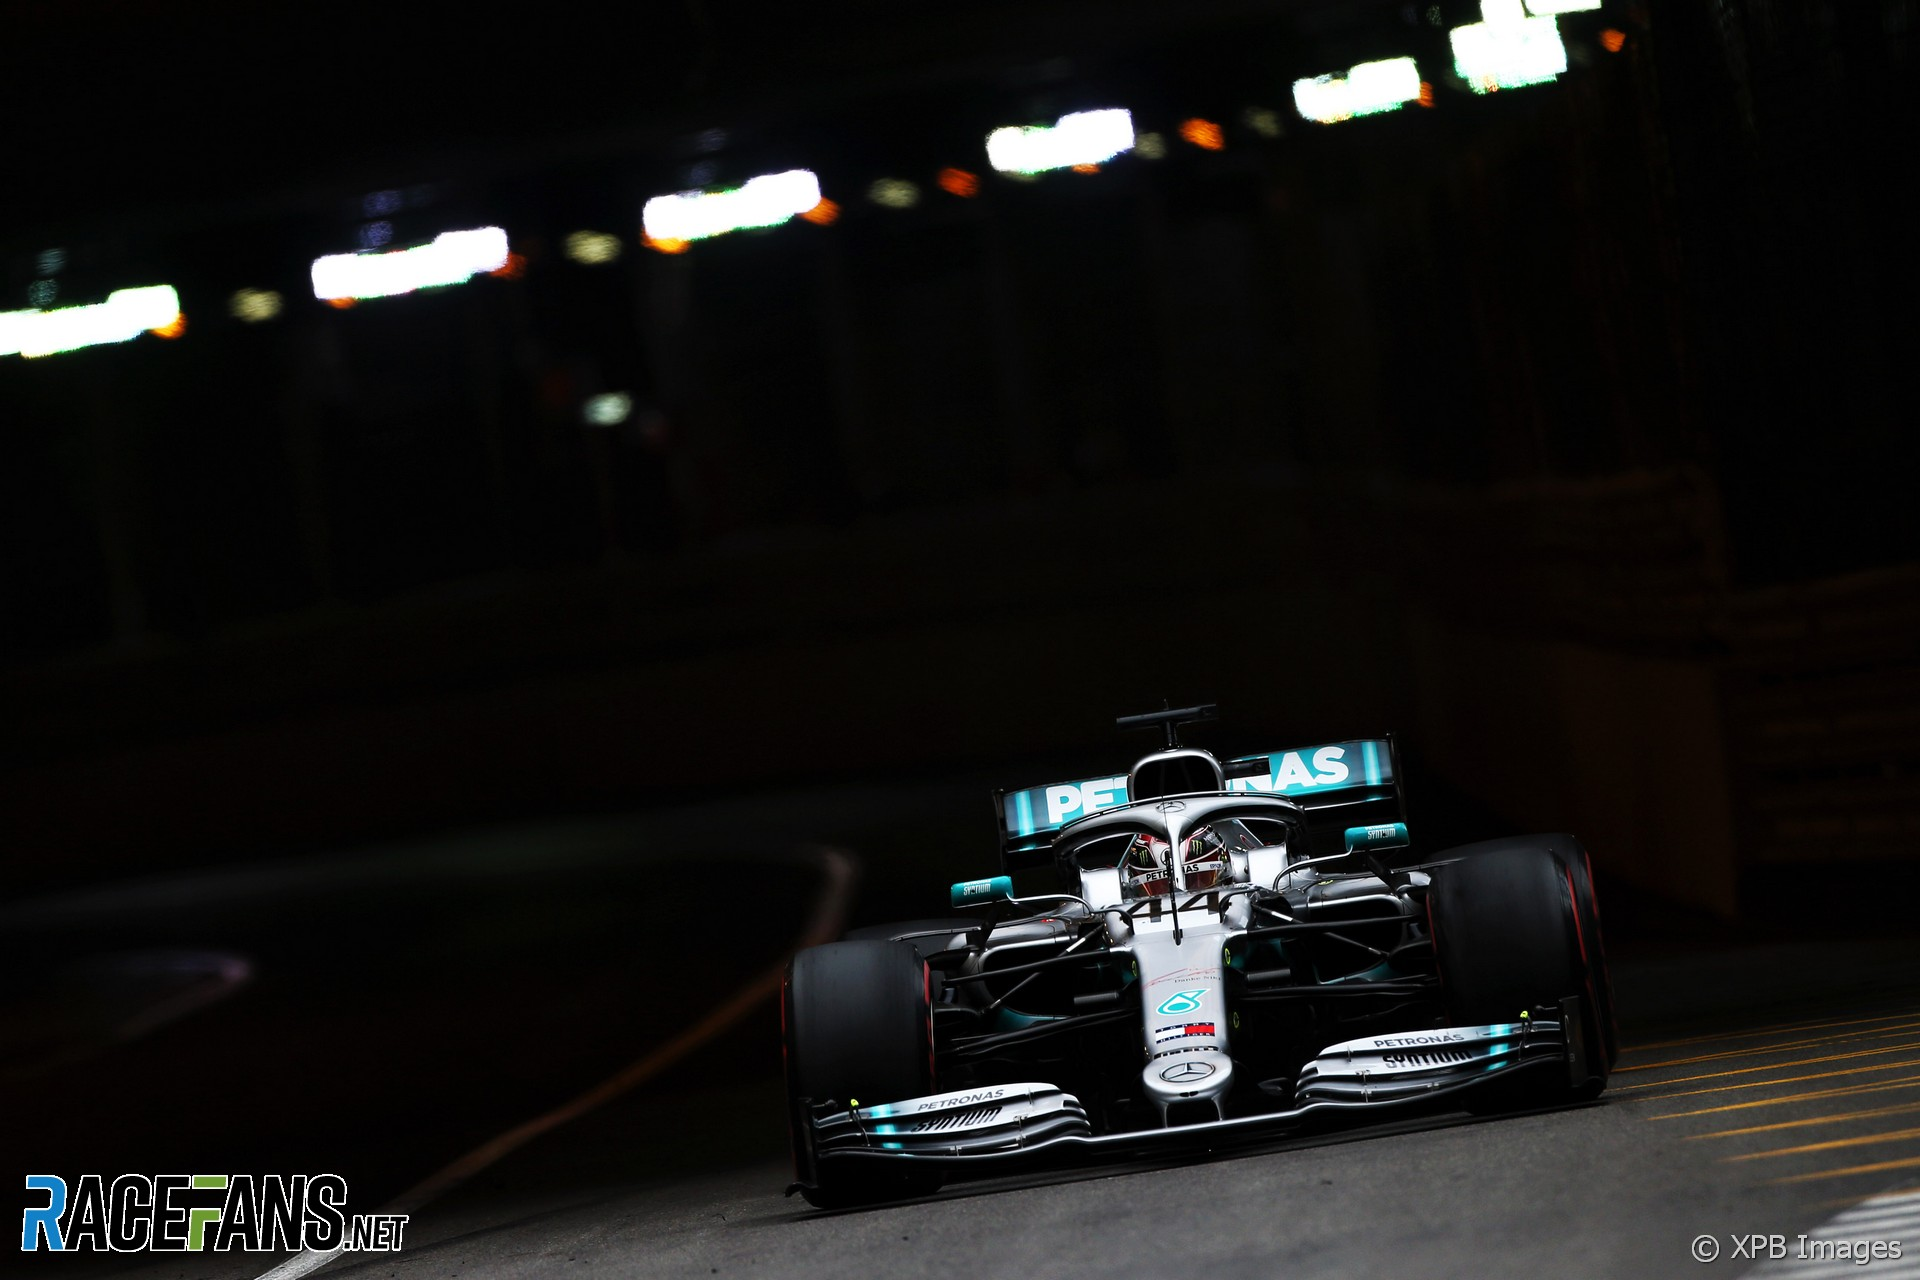 racefansdotnet-20190523-141019-10.jpg